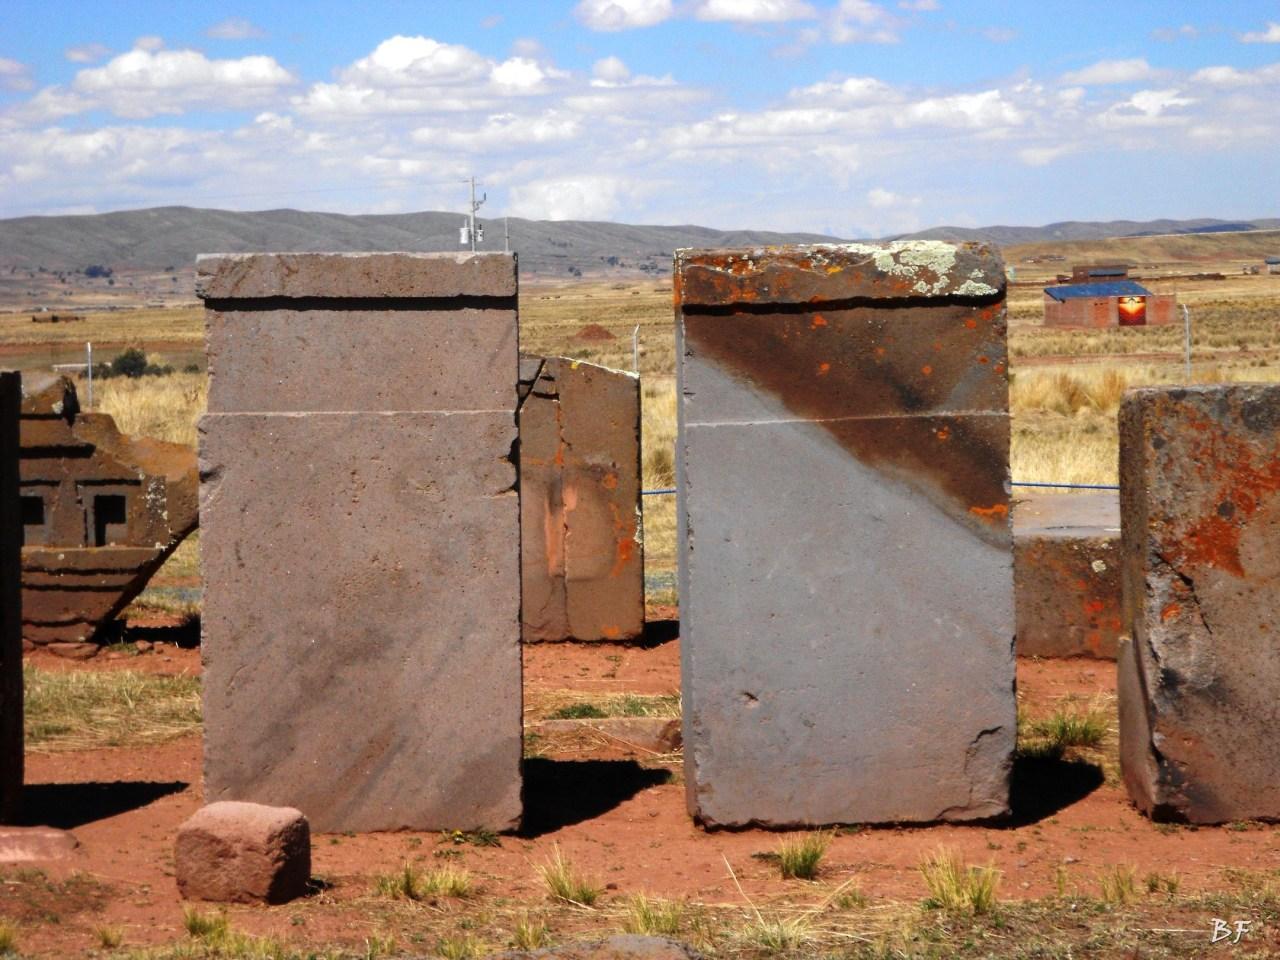 Puma-Punku-Area-Megalitica-Mura-Poligonali-Megaliti-Tiwanaku-Tiahuanaco-Bolivia-51